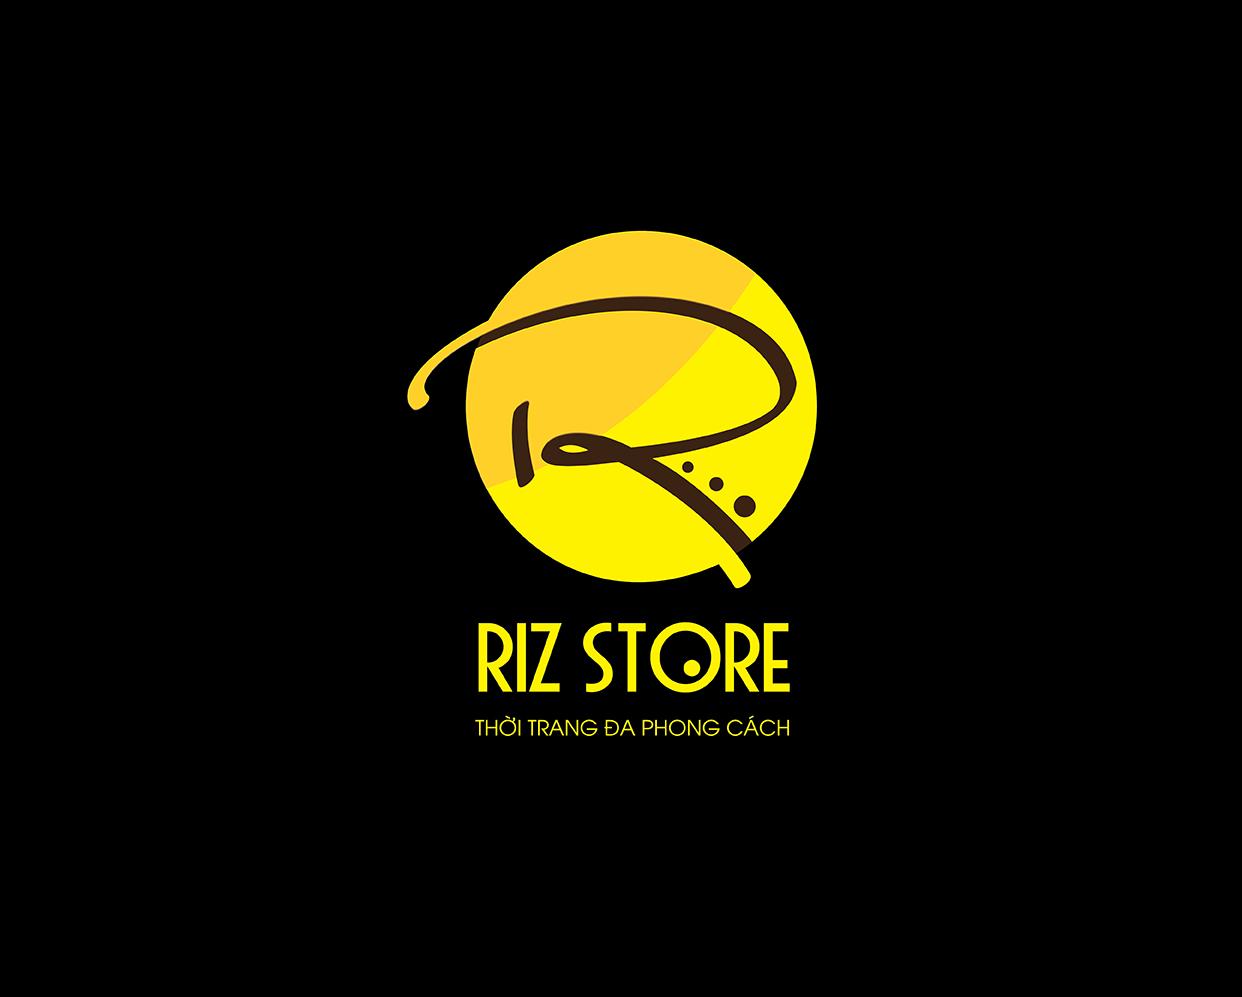 Thiết kế Logo thương hiệu thời trang RIZ STORE